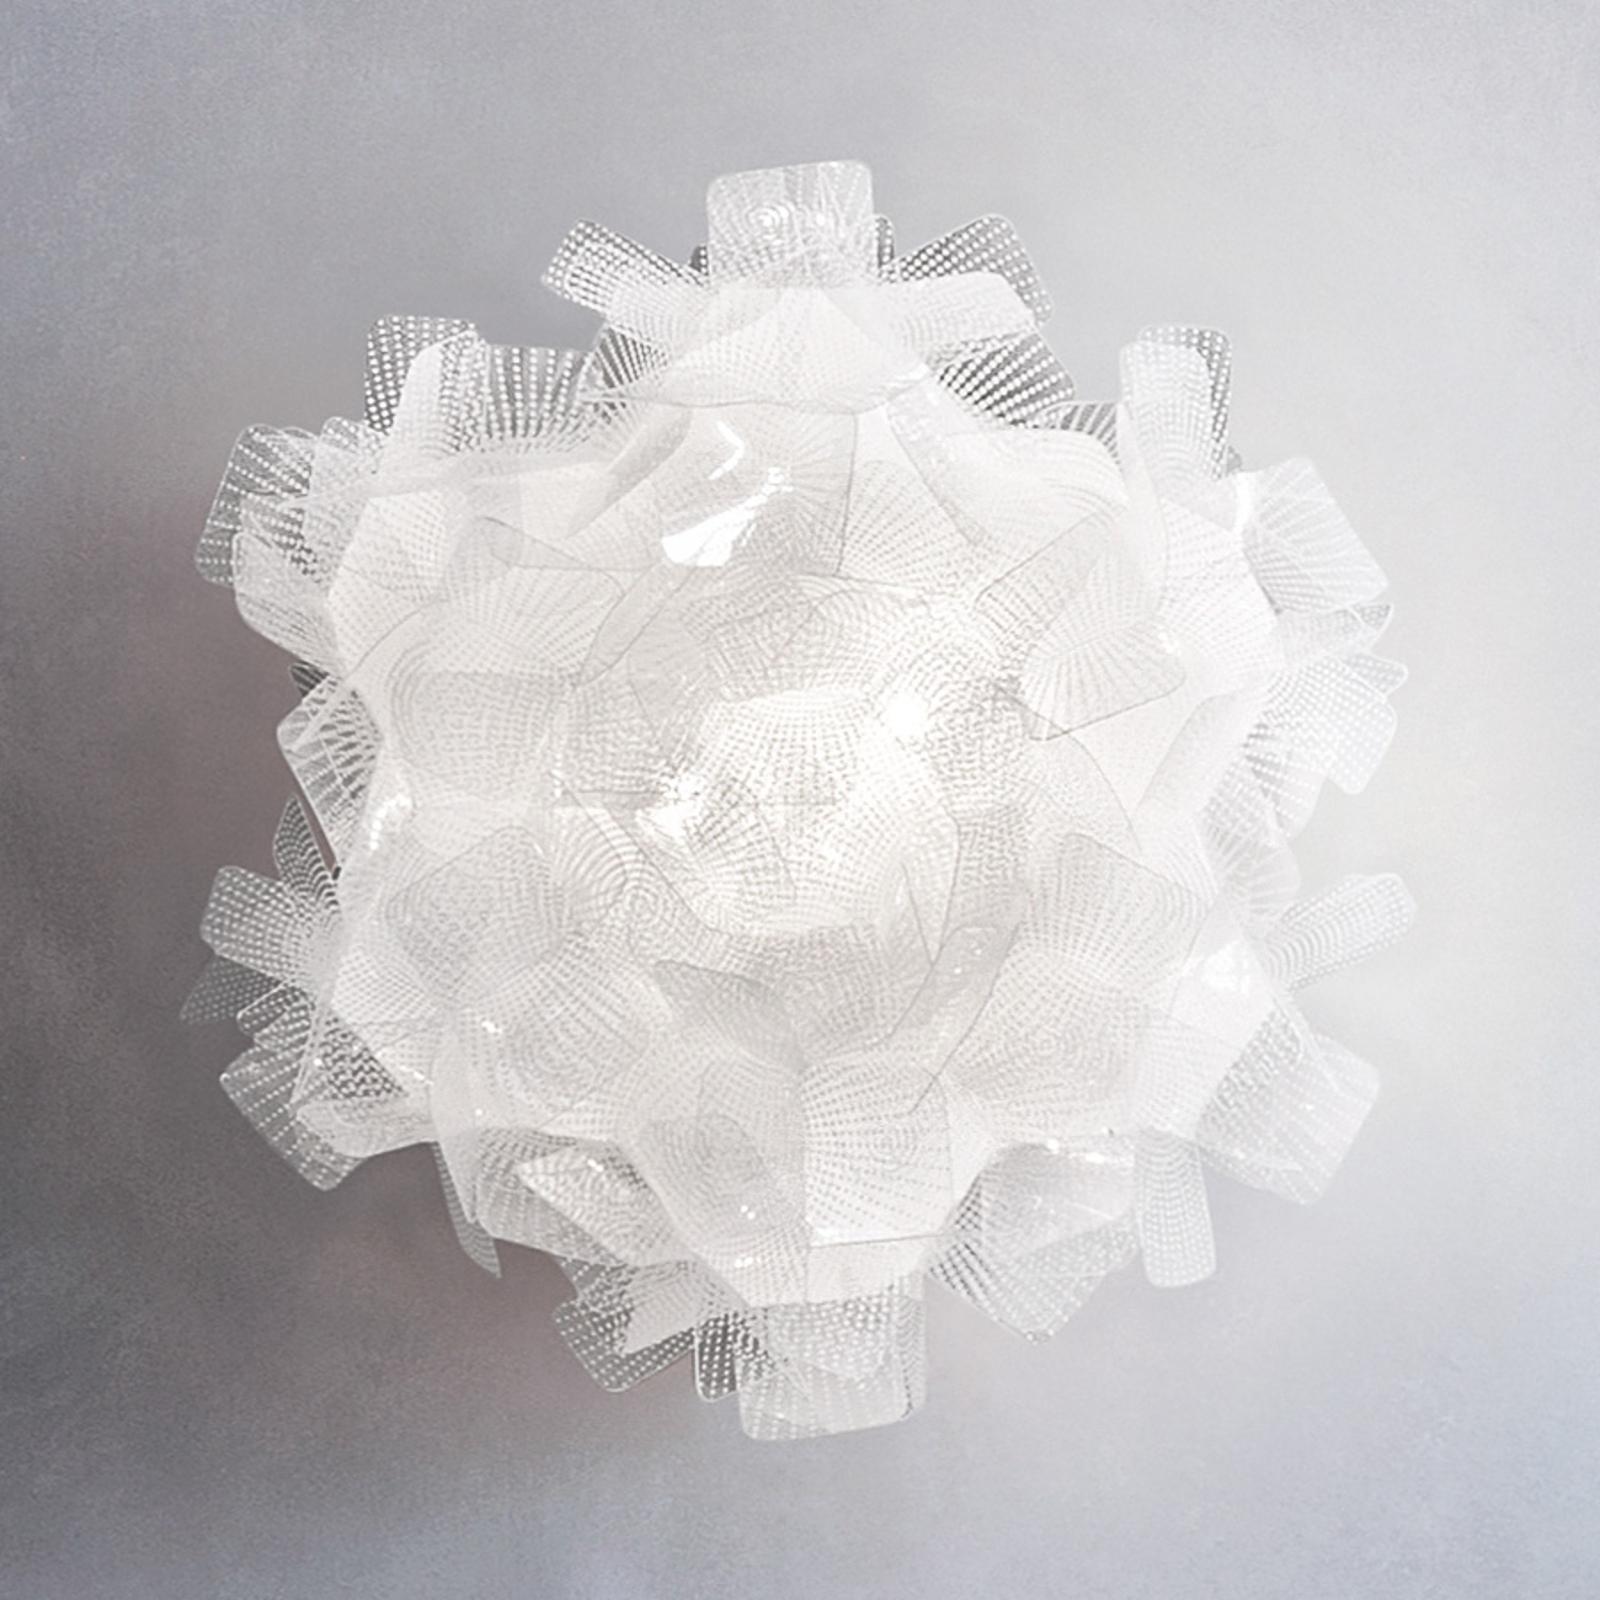 Slamp Clizia Pixel nástěnné světlo Ø 32 cm